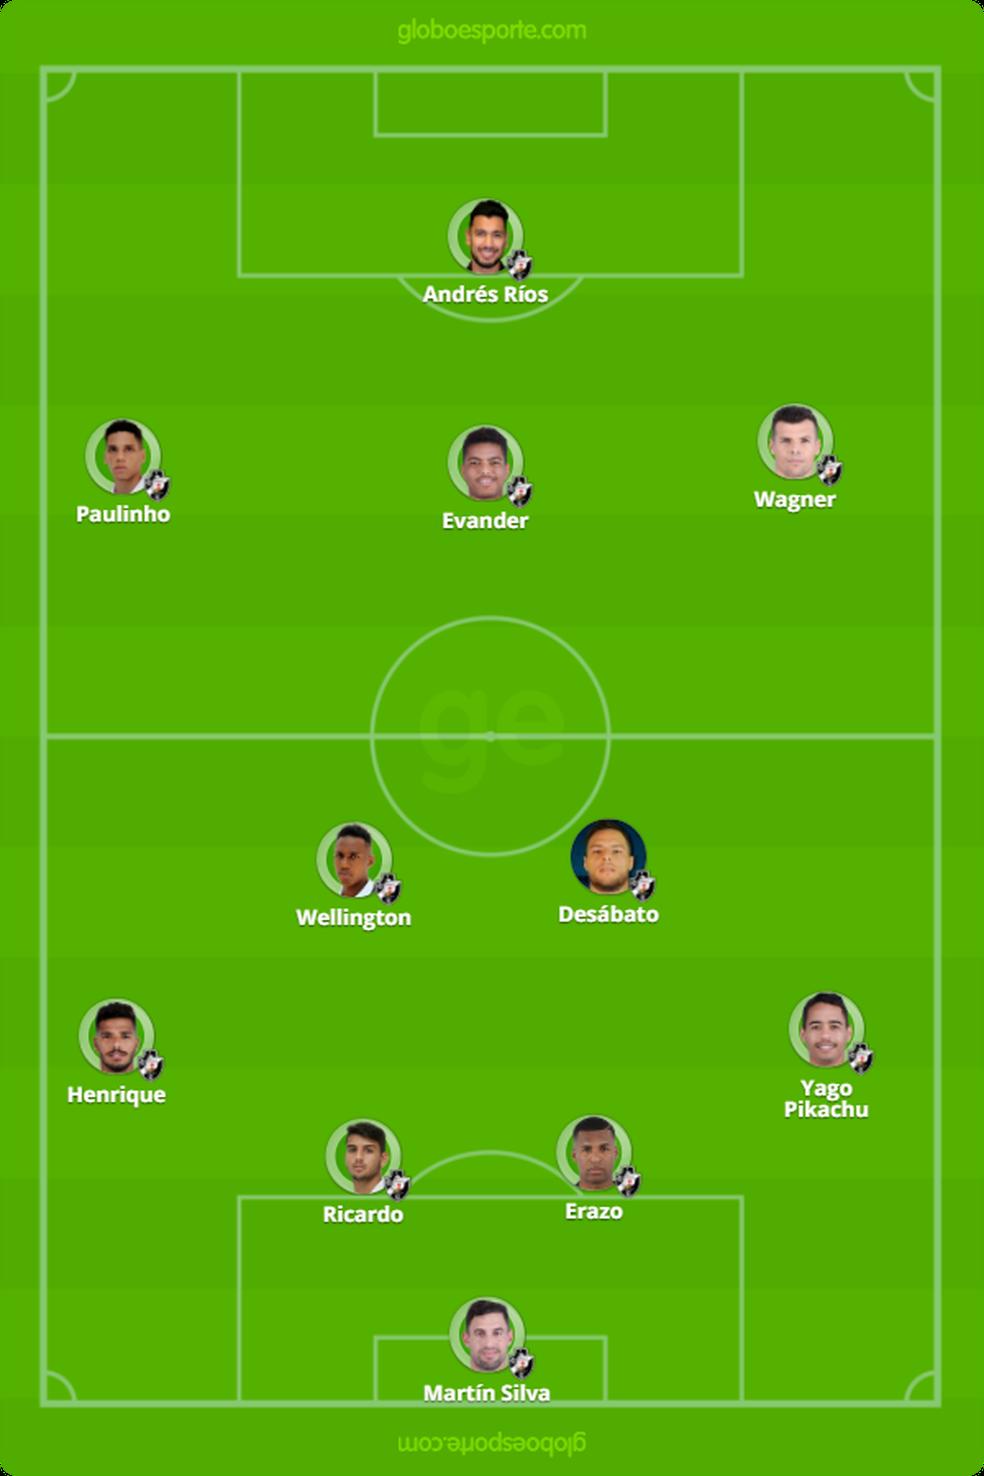 Provável escalação do Vasco no clássico com o Flamengo